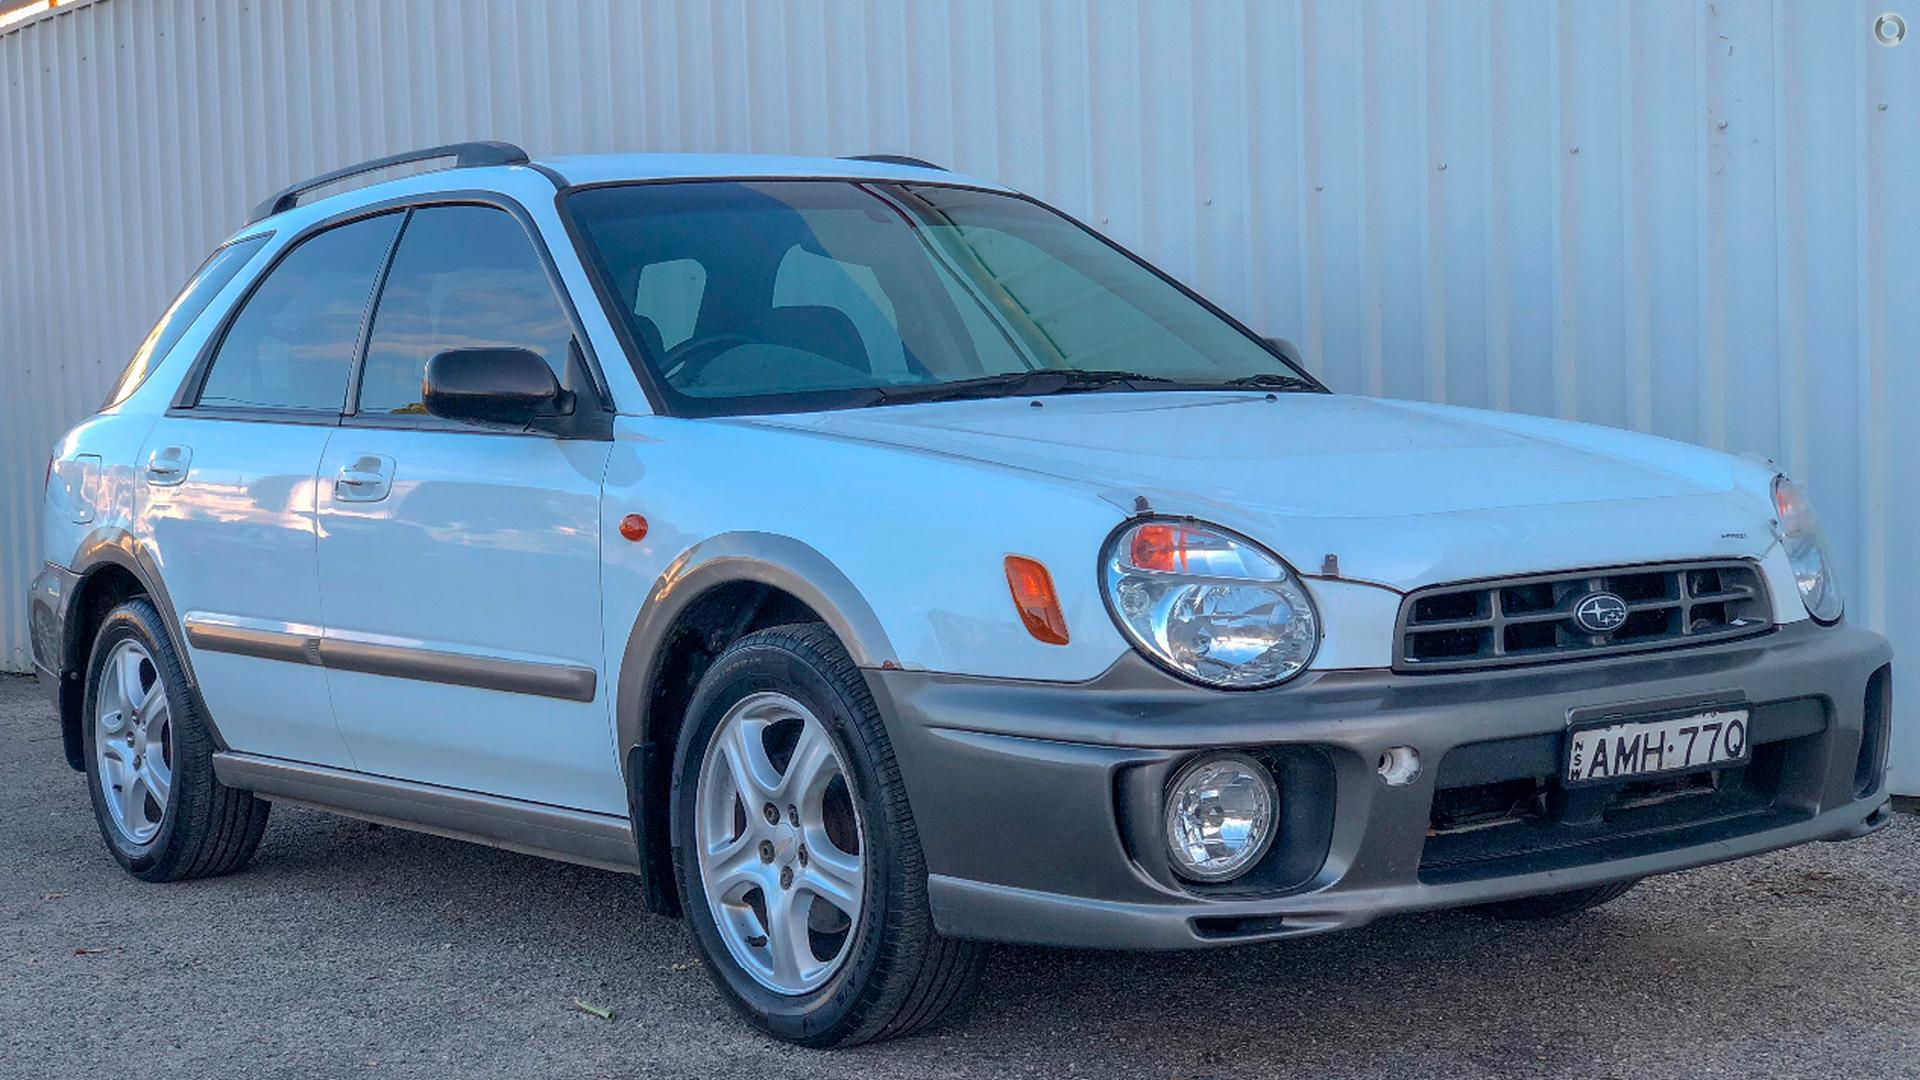 2001 Subaru Impreza RV S